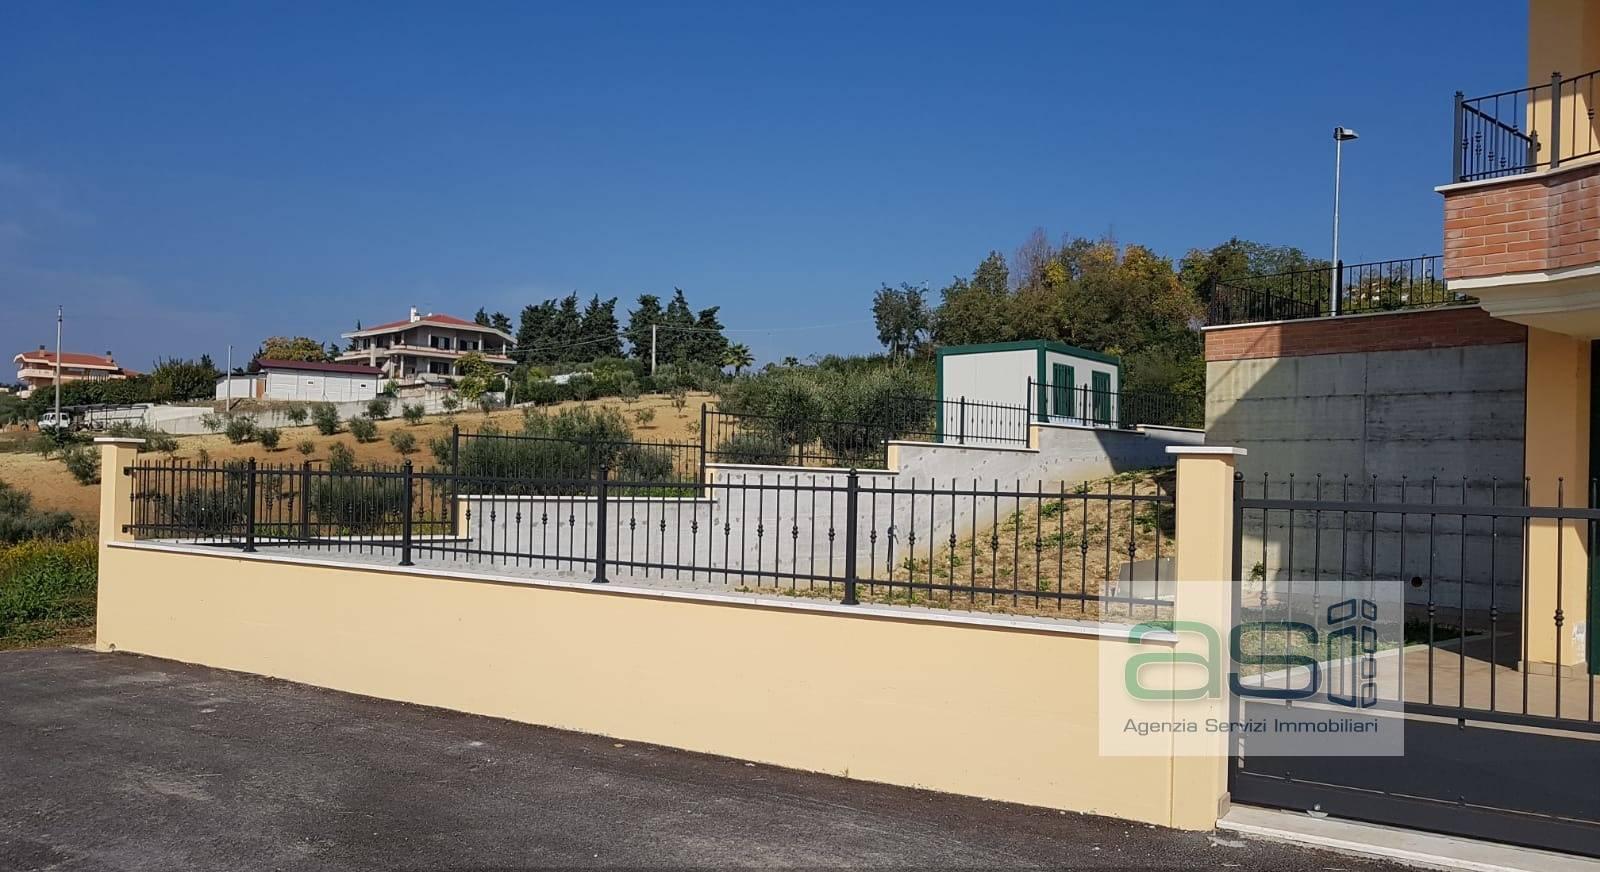 Villa con terrazzo a Colonnella - contrada rio moro - 01